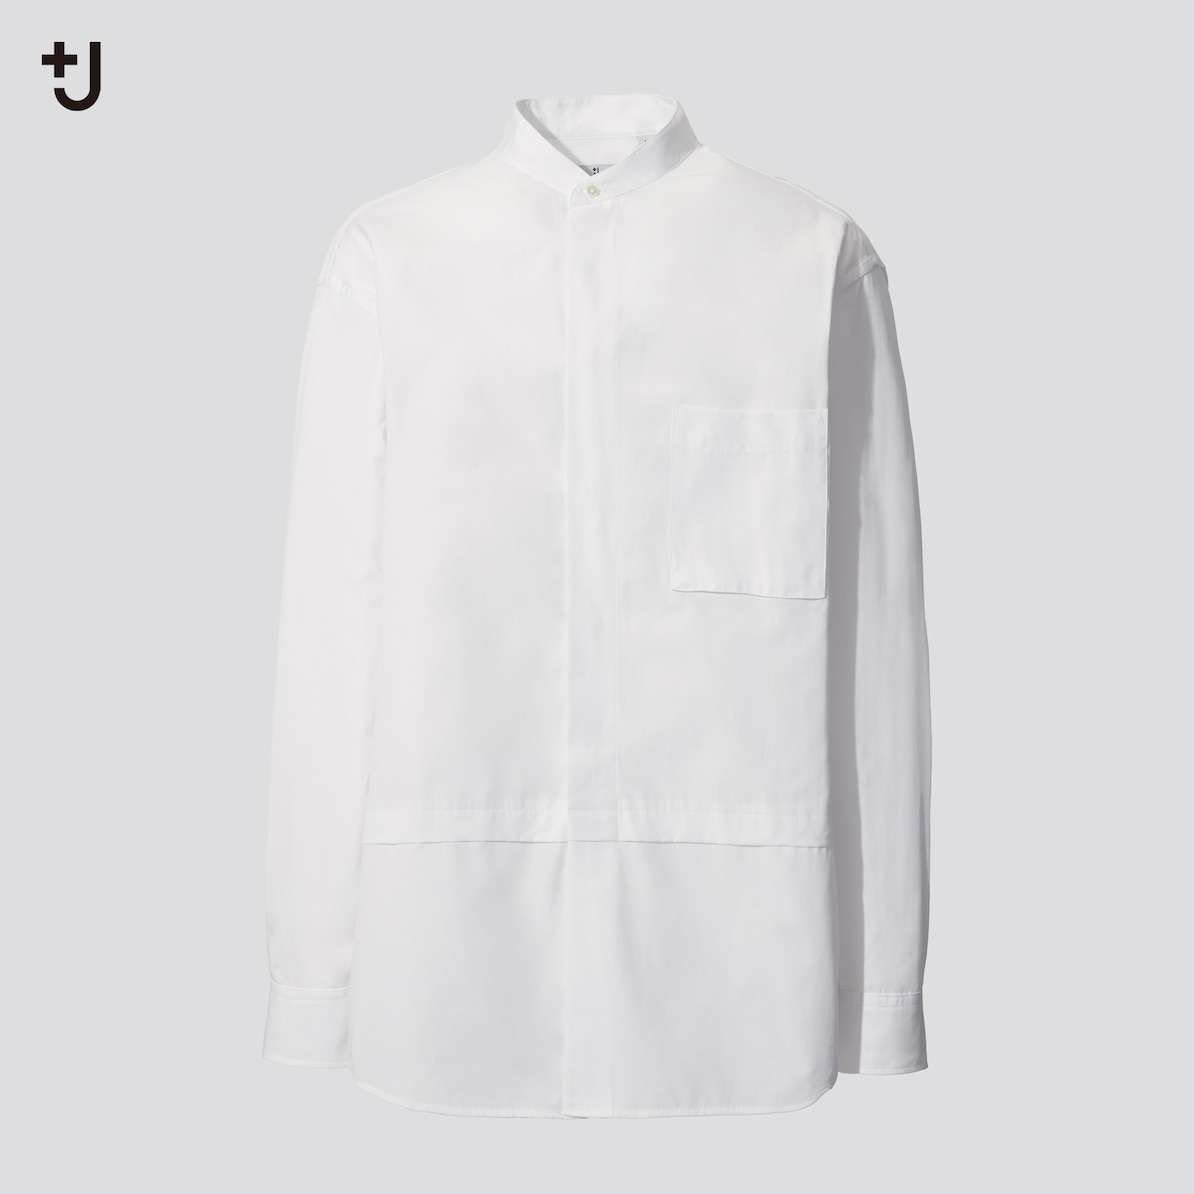 スーピマコットン オーバーサイズシャツ(3,990円)